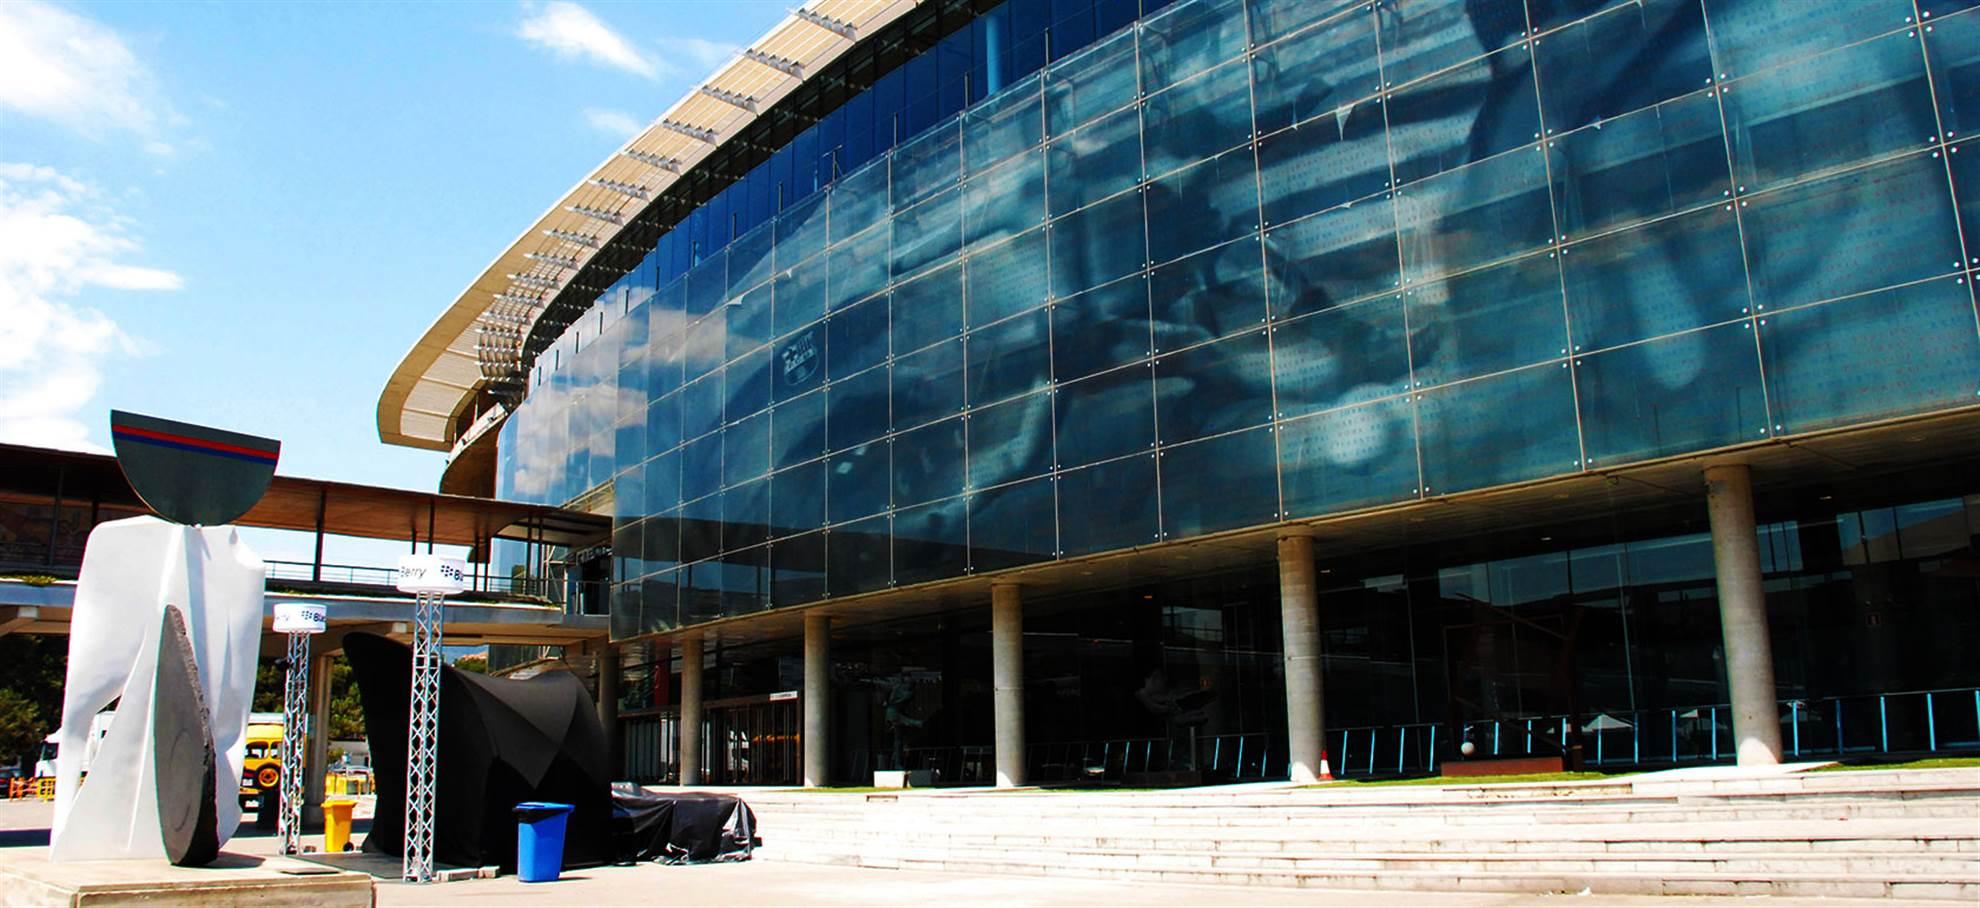 Visita guidata allo stadio dell'FC Barcelona